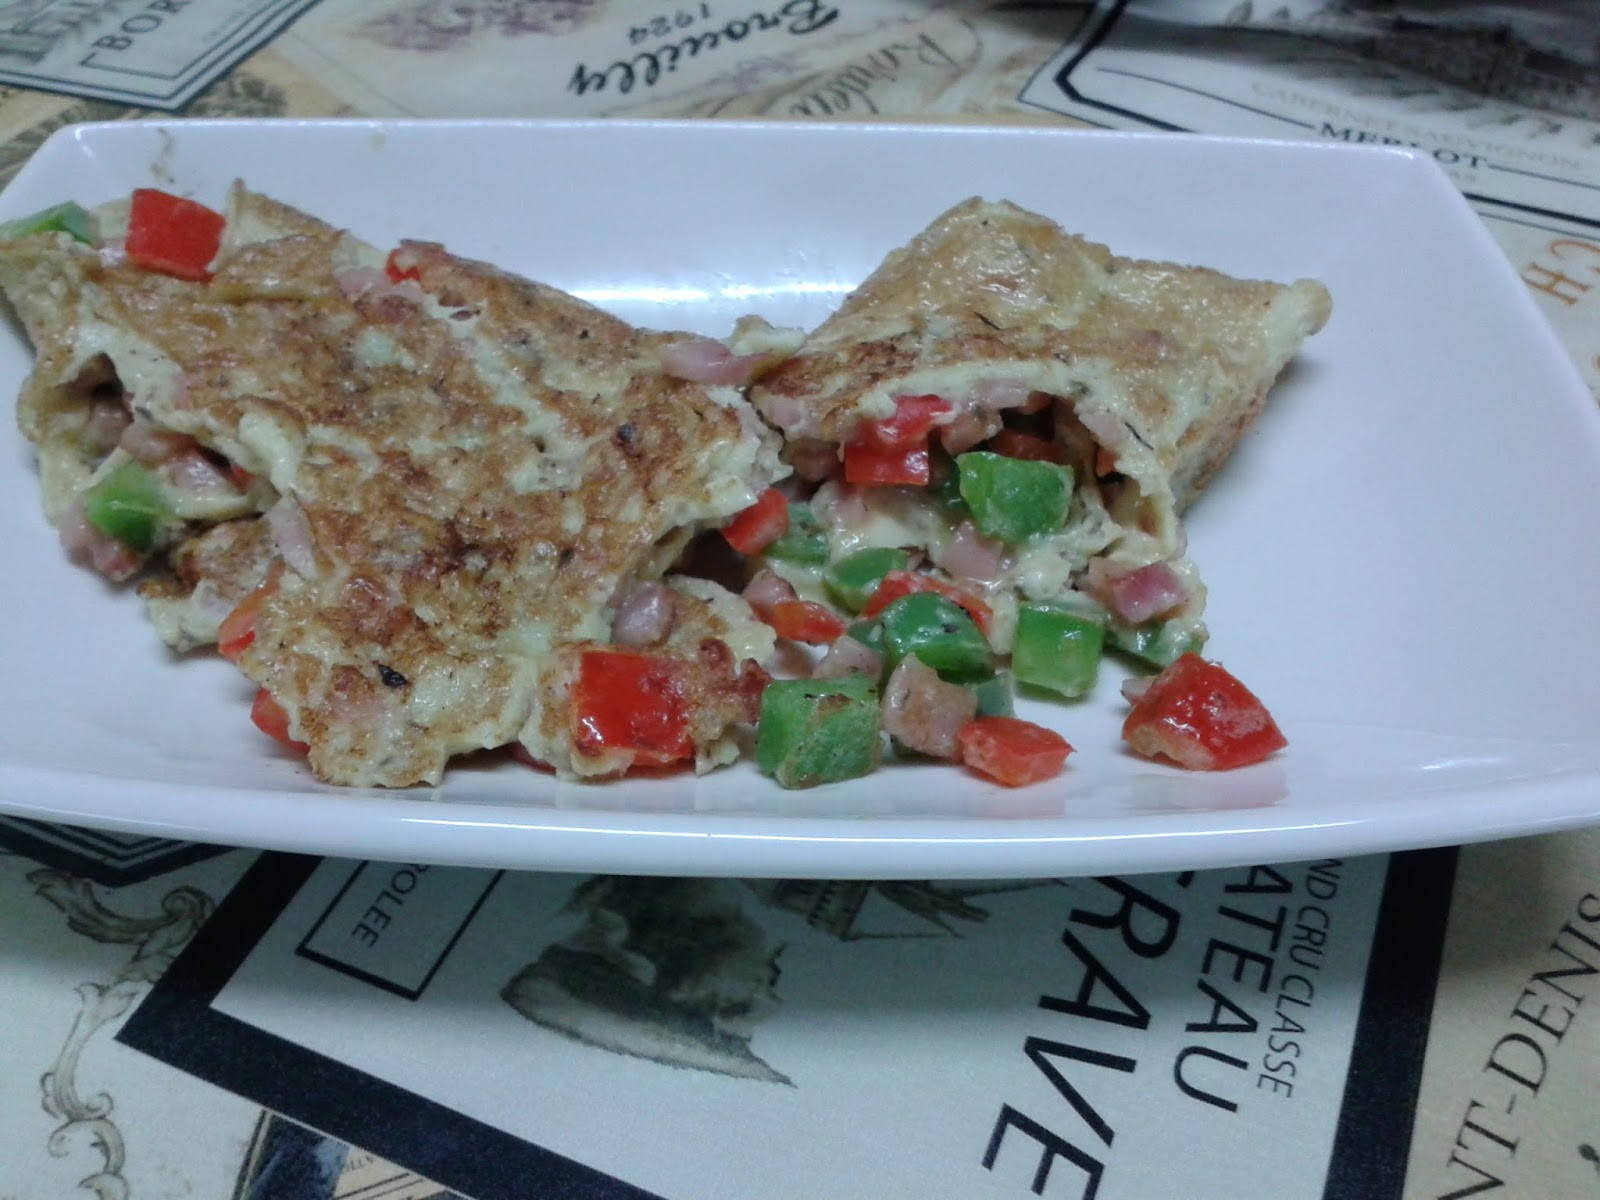 ¡Haz-química-comestible-conmigo!-blog-recetas-fáciles-caseras-para-principiantes-recetas-básicas-y-ricas-como-hacer-una-tortilla-francesa-con-queso-york-y-pimiento-paso-paso